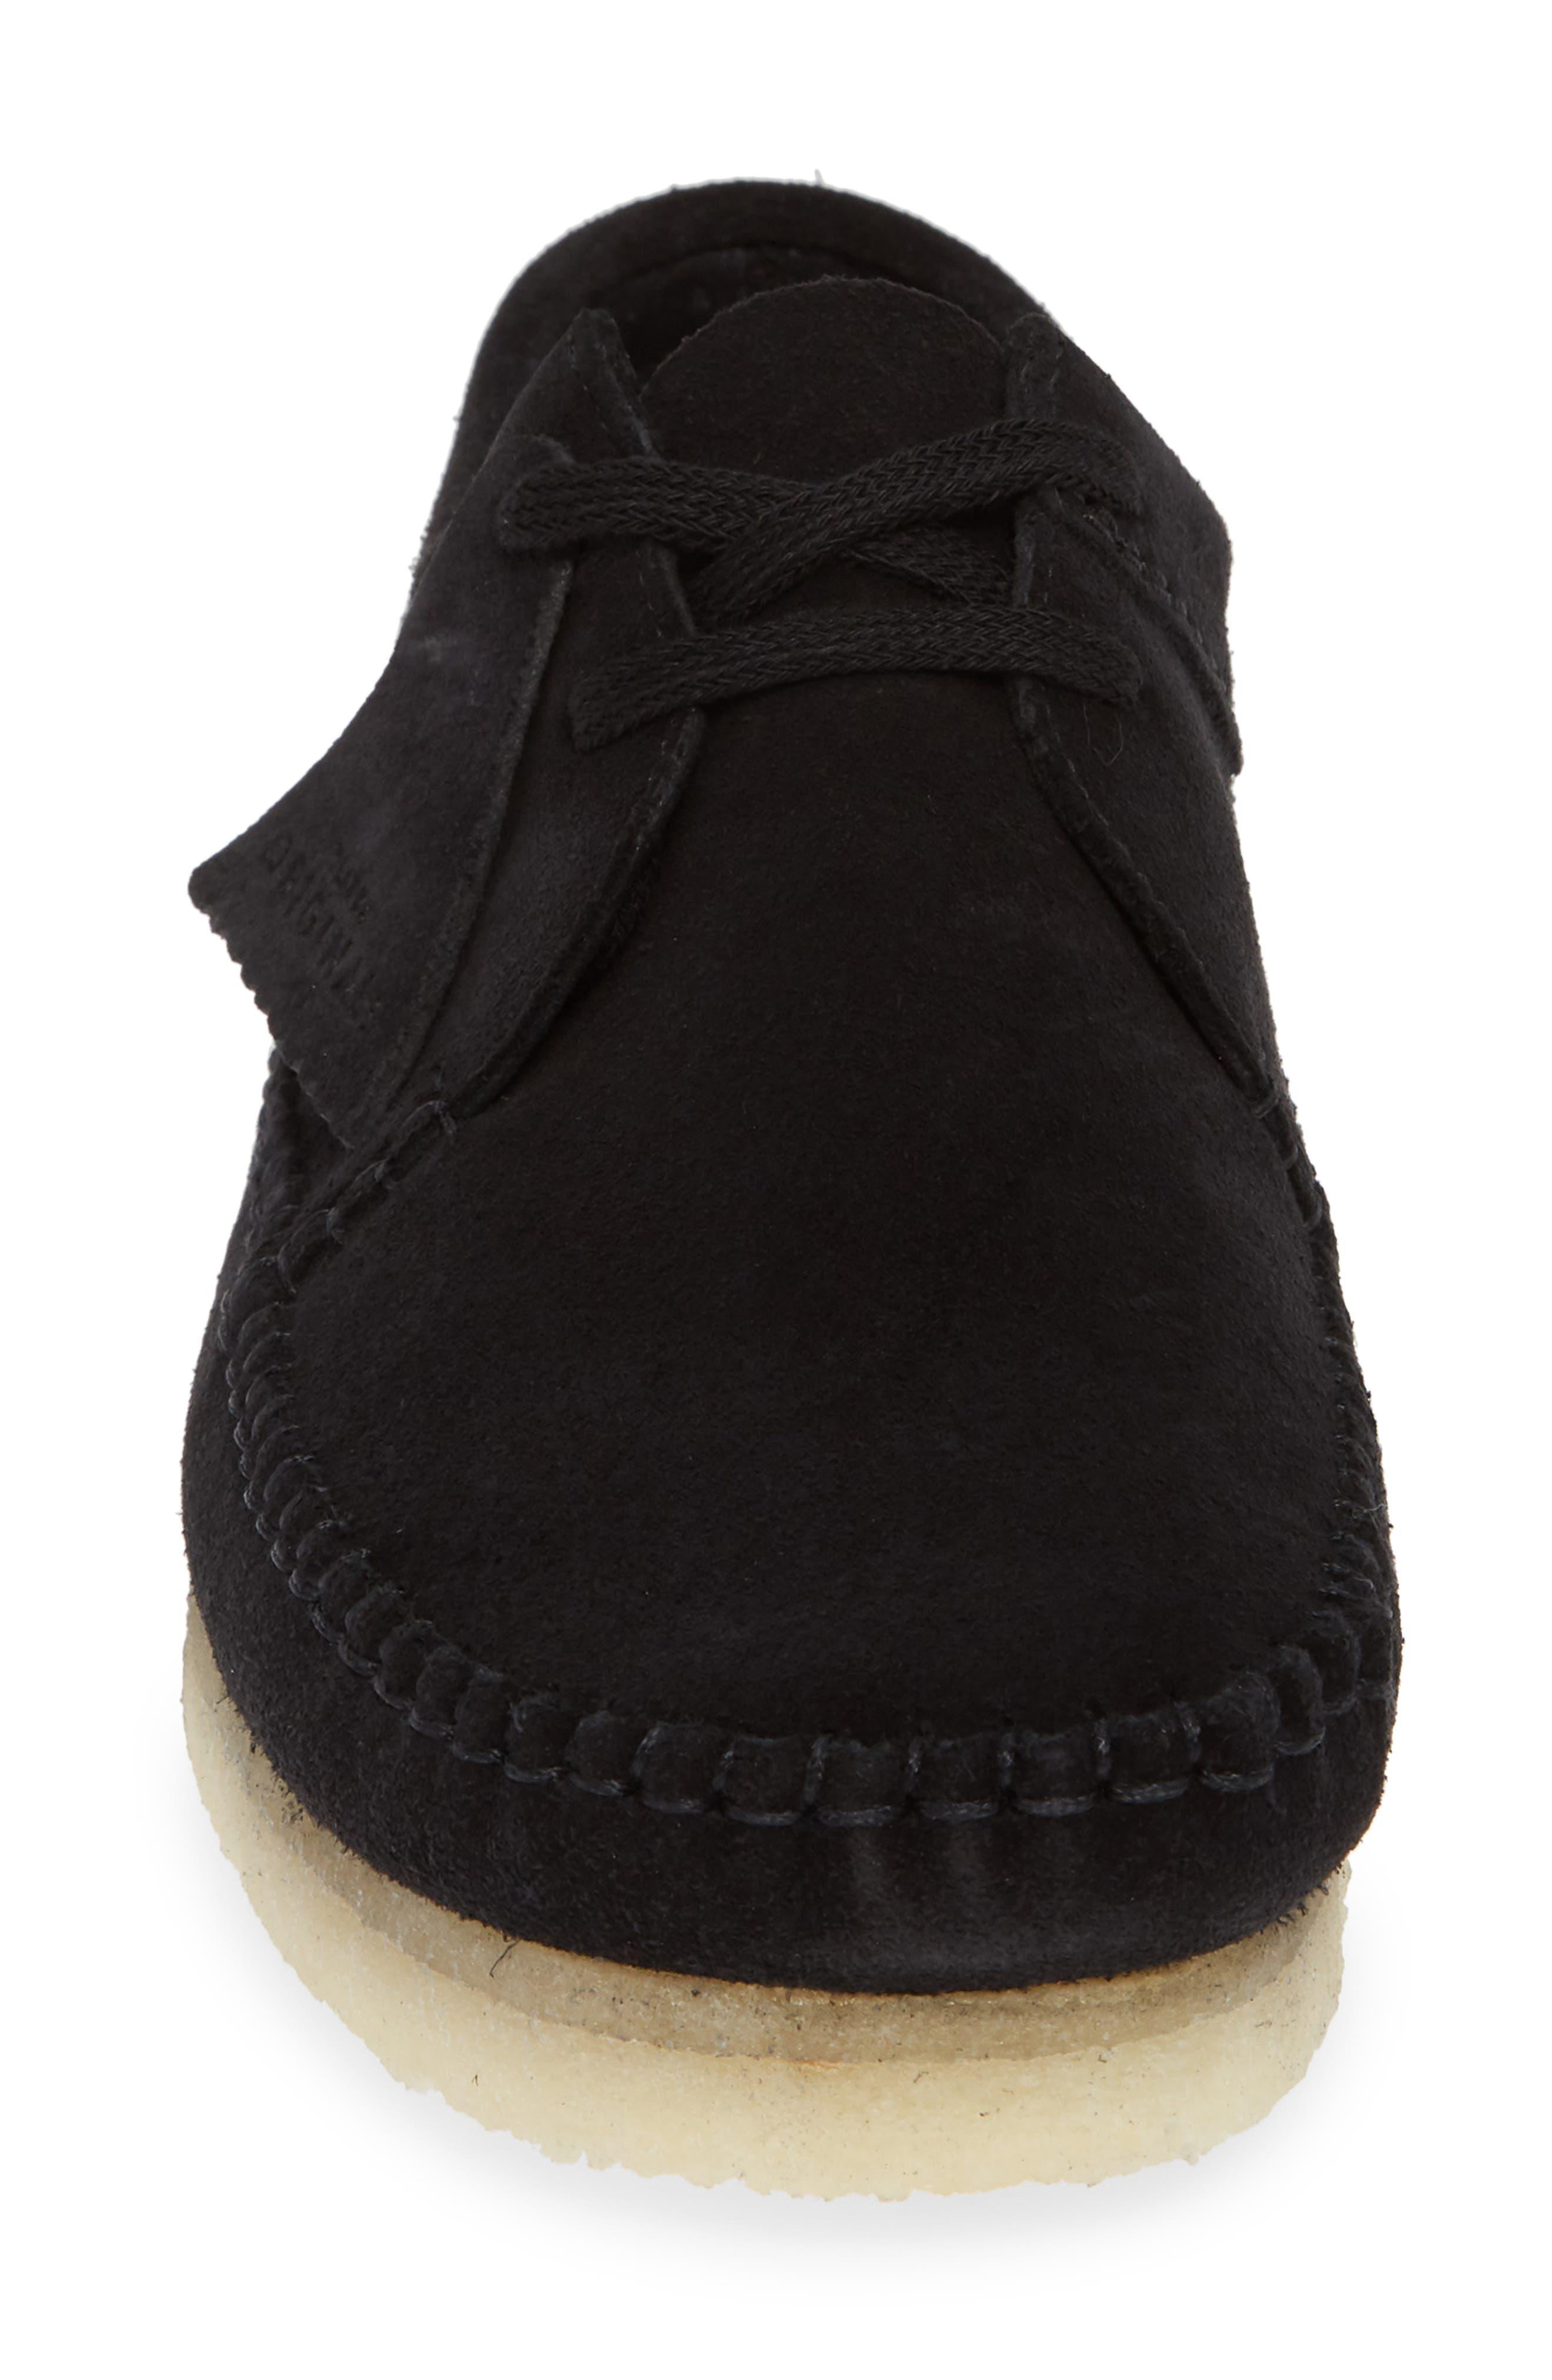 'Weaver' Moc Toe Derby,                             Alternate thumbnail 4, color,                             BLACK SUEDE